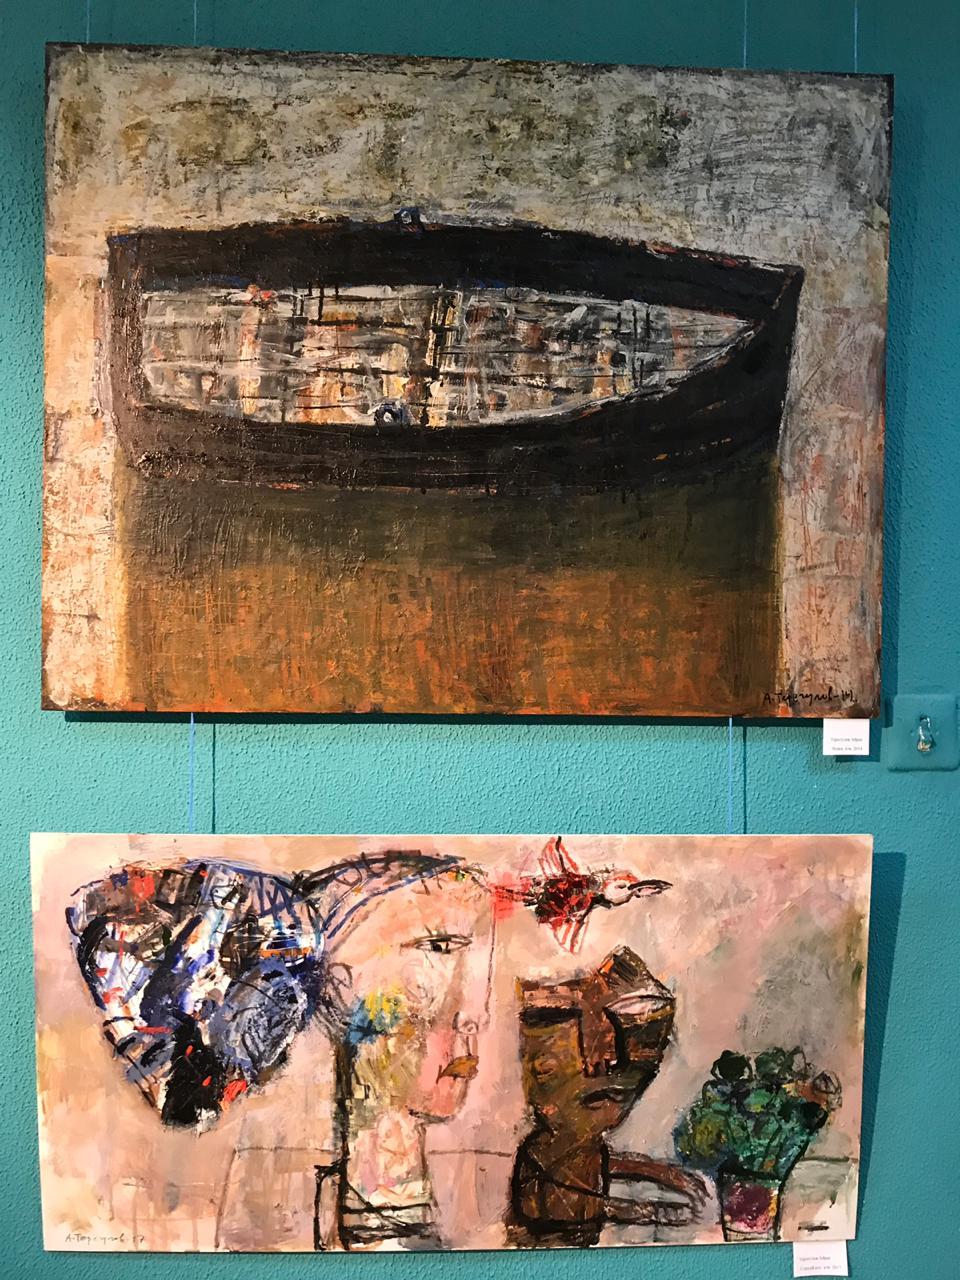 Открытие выставки «ПЛАТО» в Центральной выставочной галерее Уфы